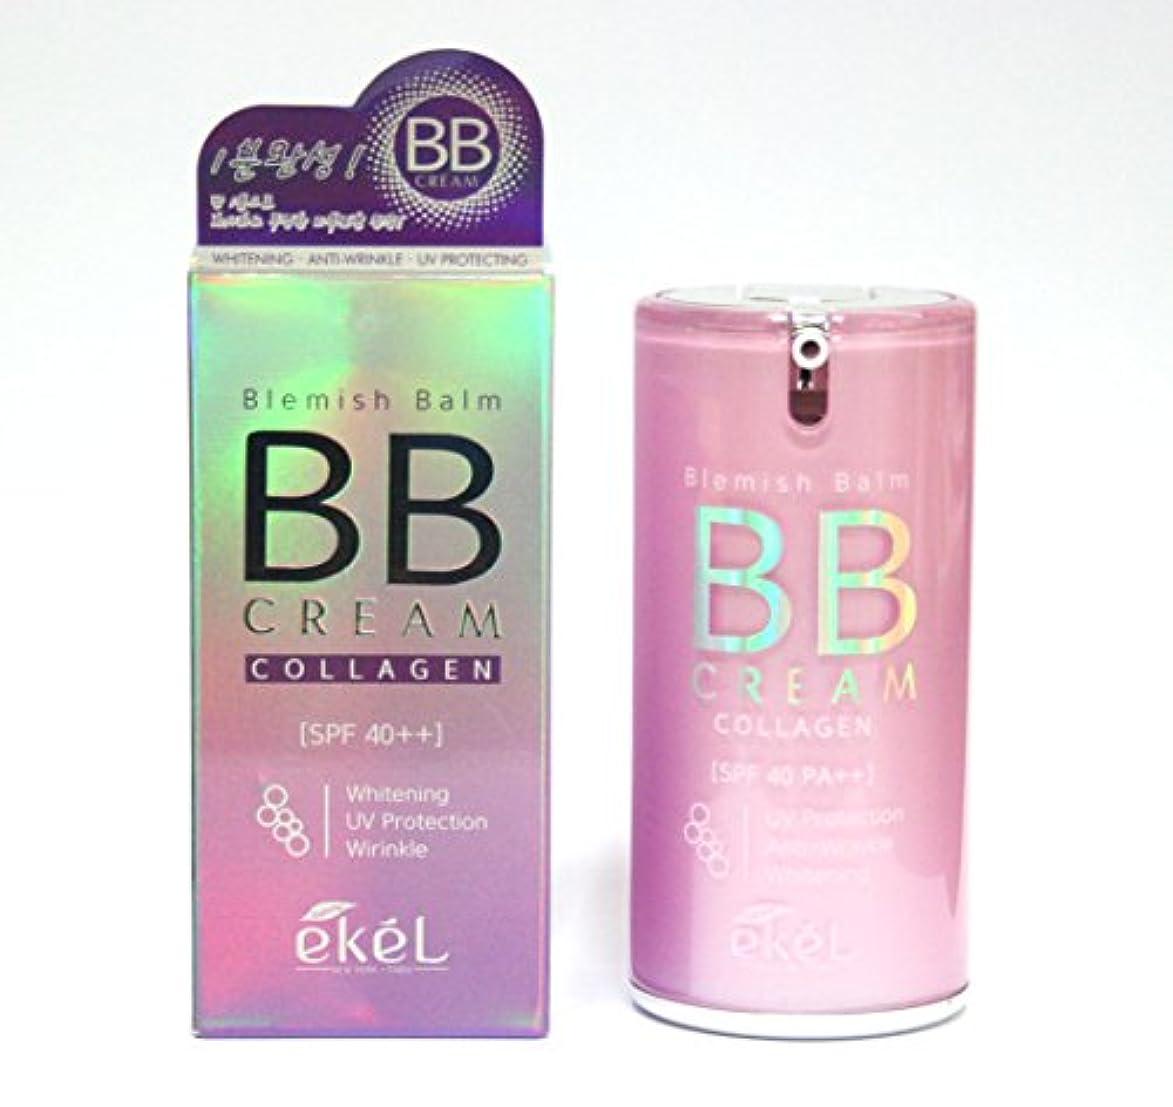 神聖眠っているリム[EKEL] ブレミッシュバームコラーゲンBBクリーム50g / Blemish Balm Collagen BB Cream 50g /ホワイトニング、UV保護、しわ / whitening, uv protection...